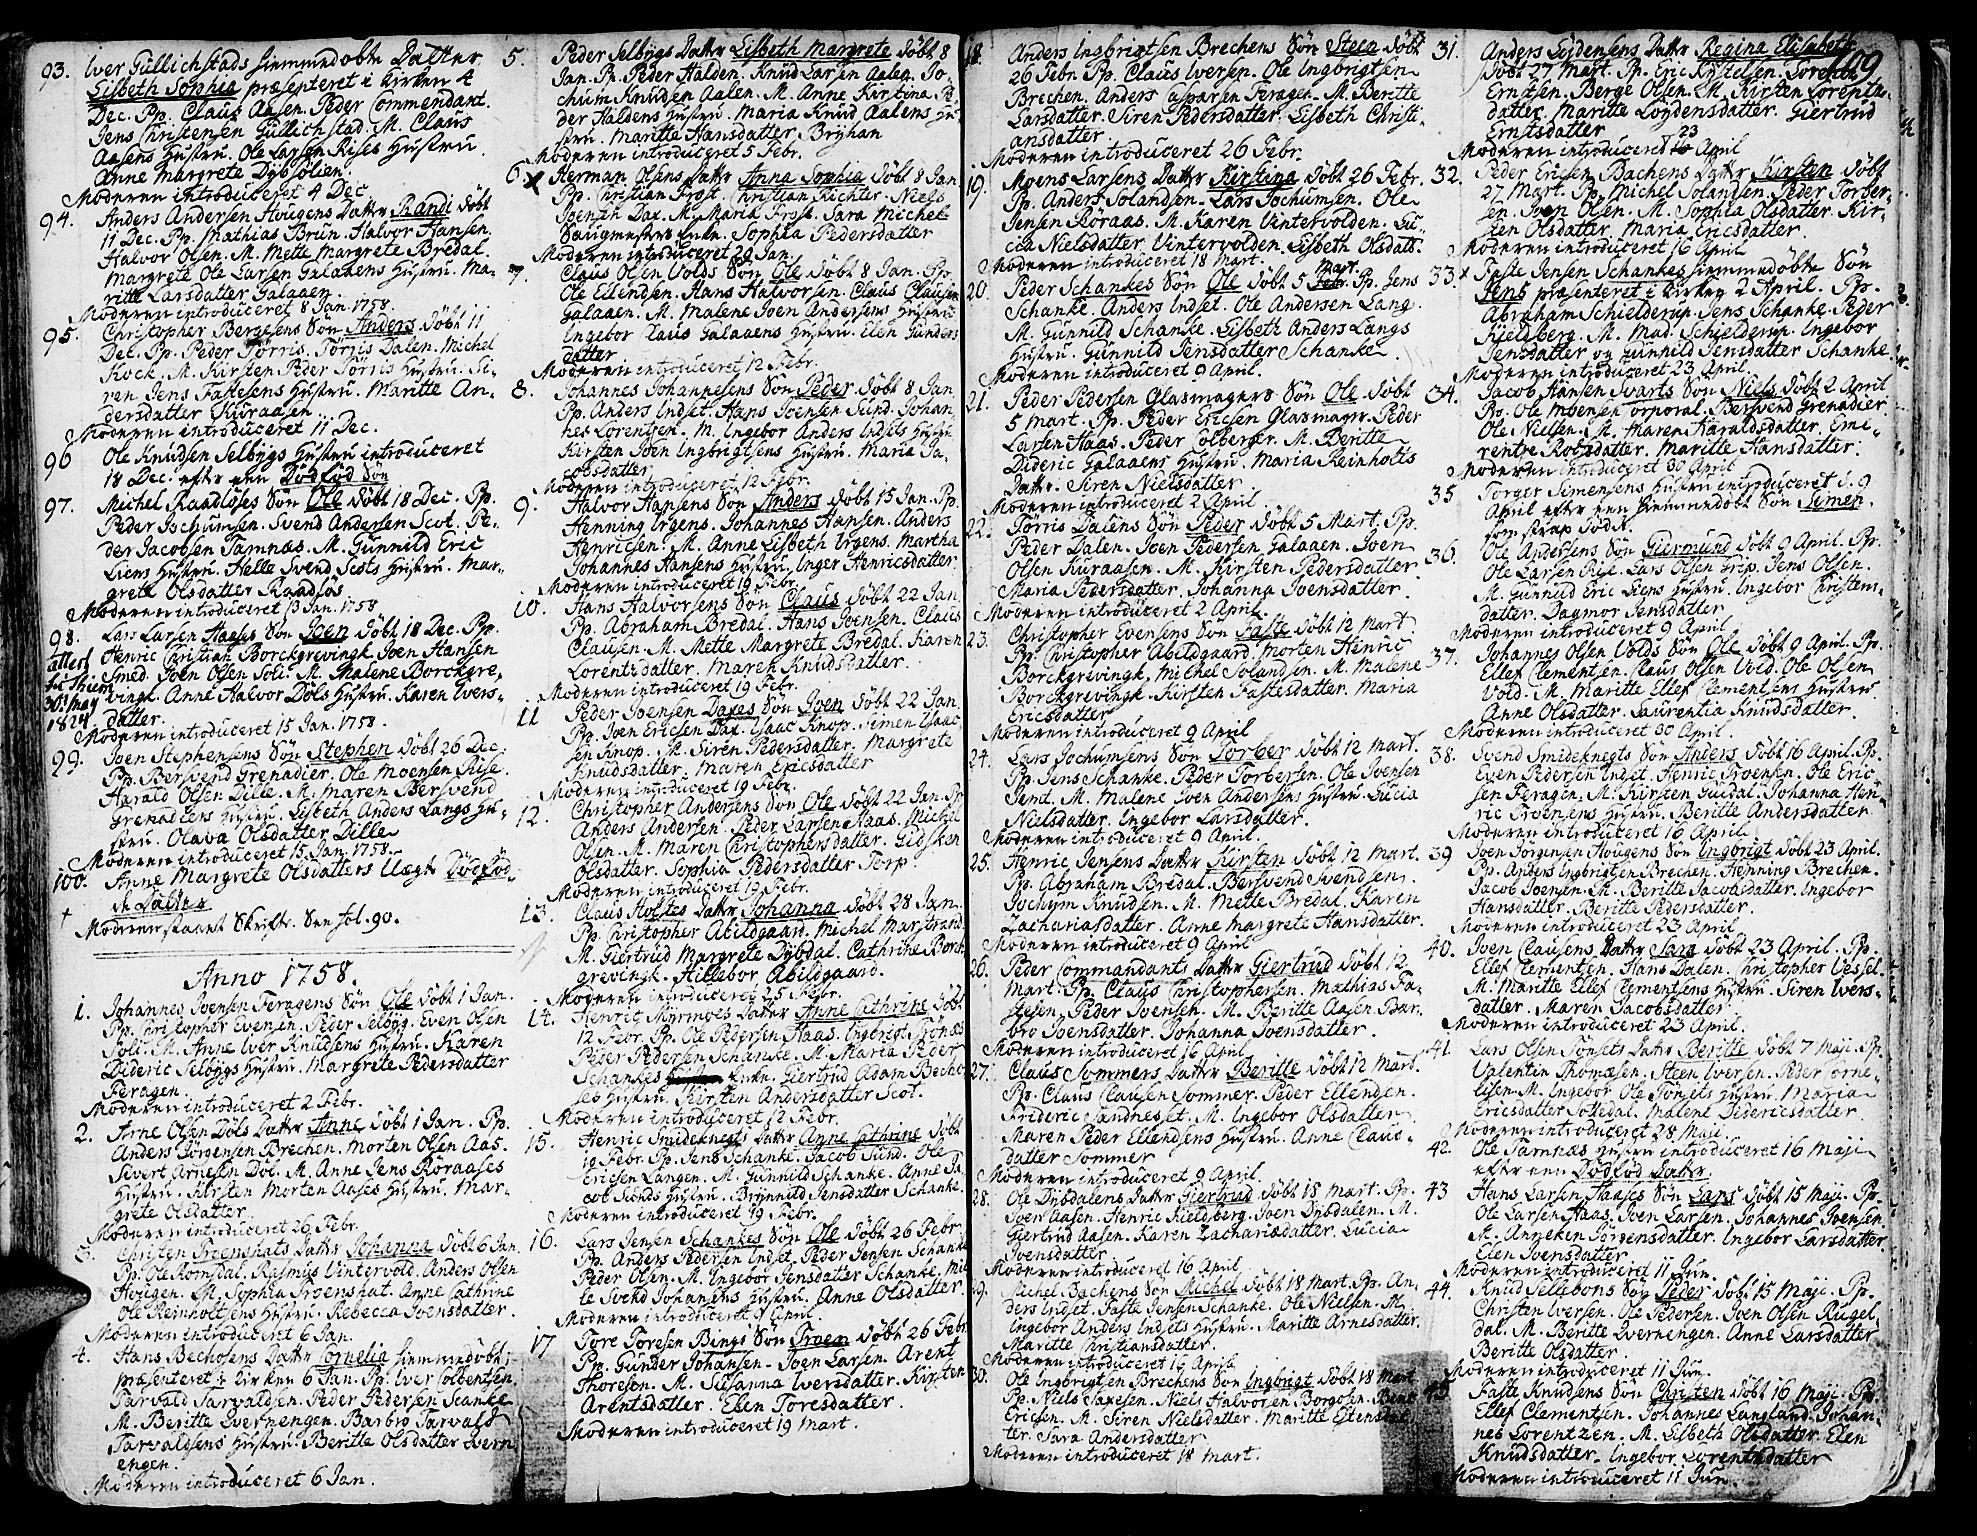 SAT, Ministerialprotokoller, klokkerbøker og fødselsregistre - Sør-Trøndelag, 681/L0925: Ministerialbok nr. 681A03, 1727-1766, s. 109